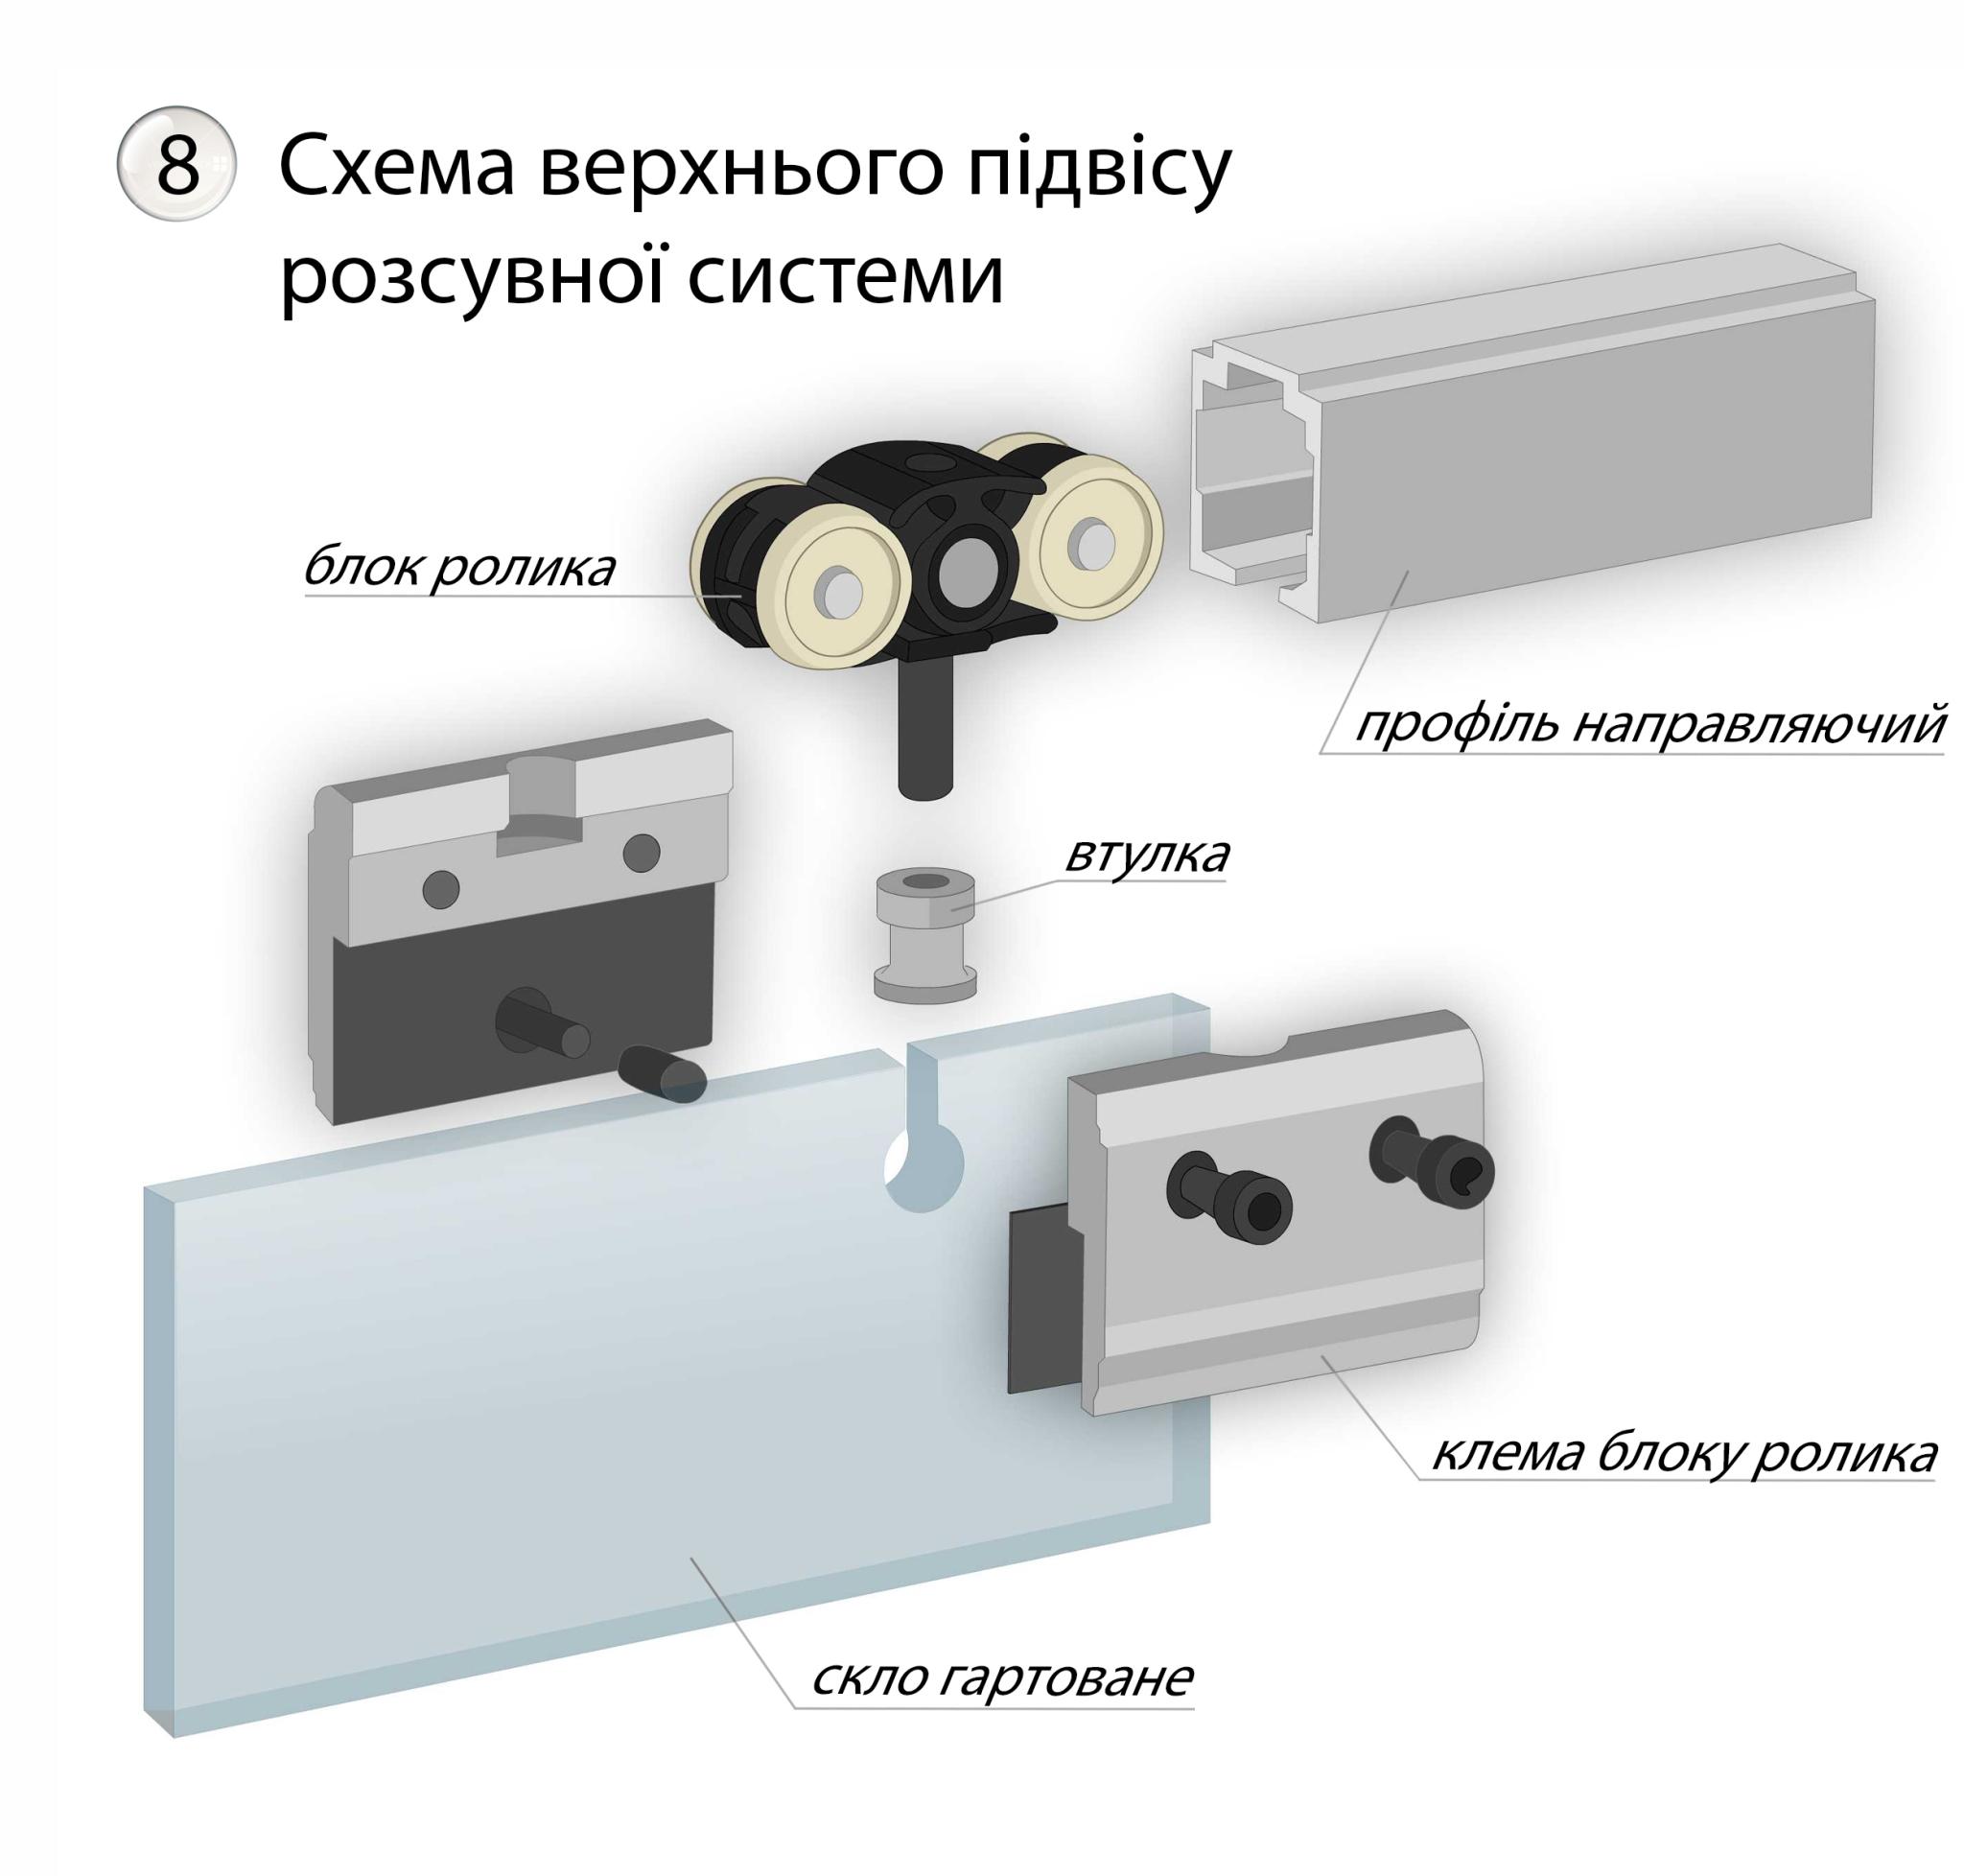 Схема верхнього підвісу